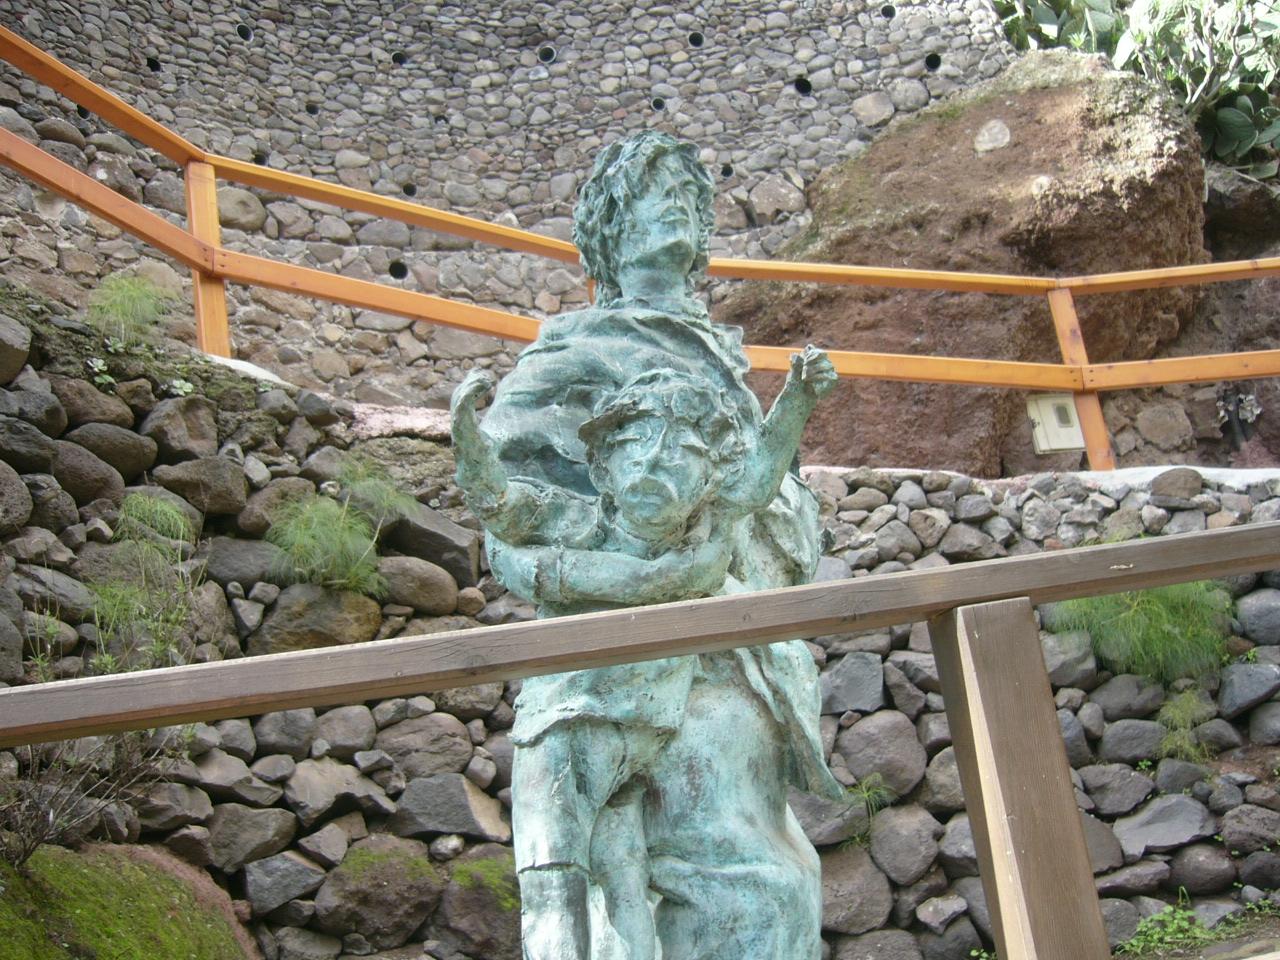 esculturas-figuras11-1.JPG